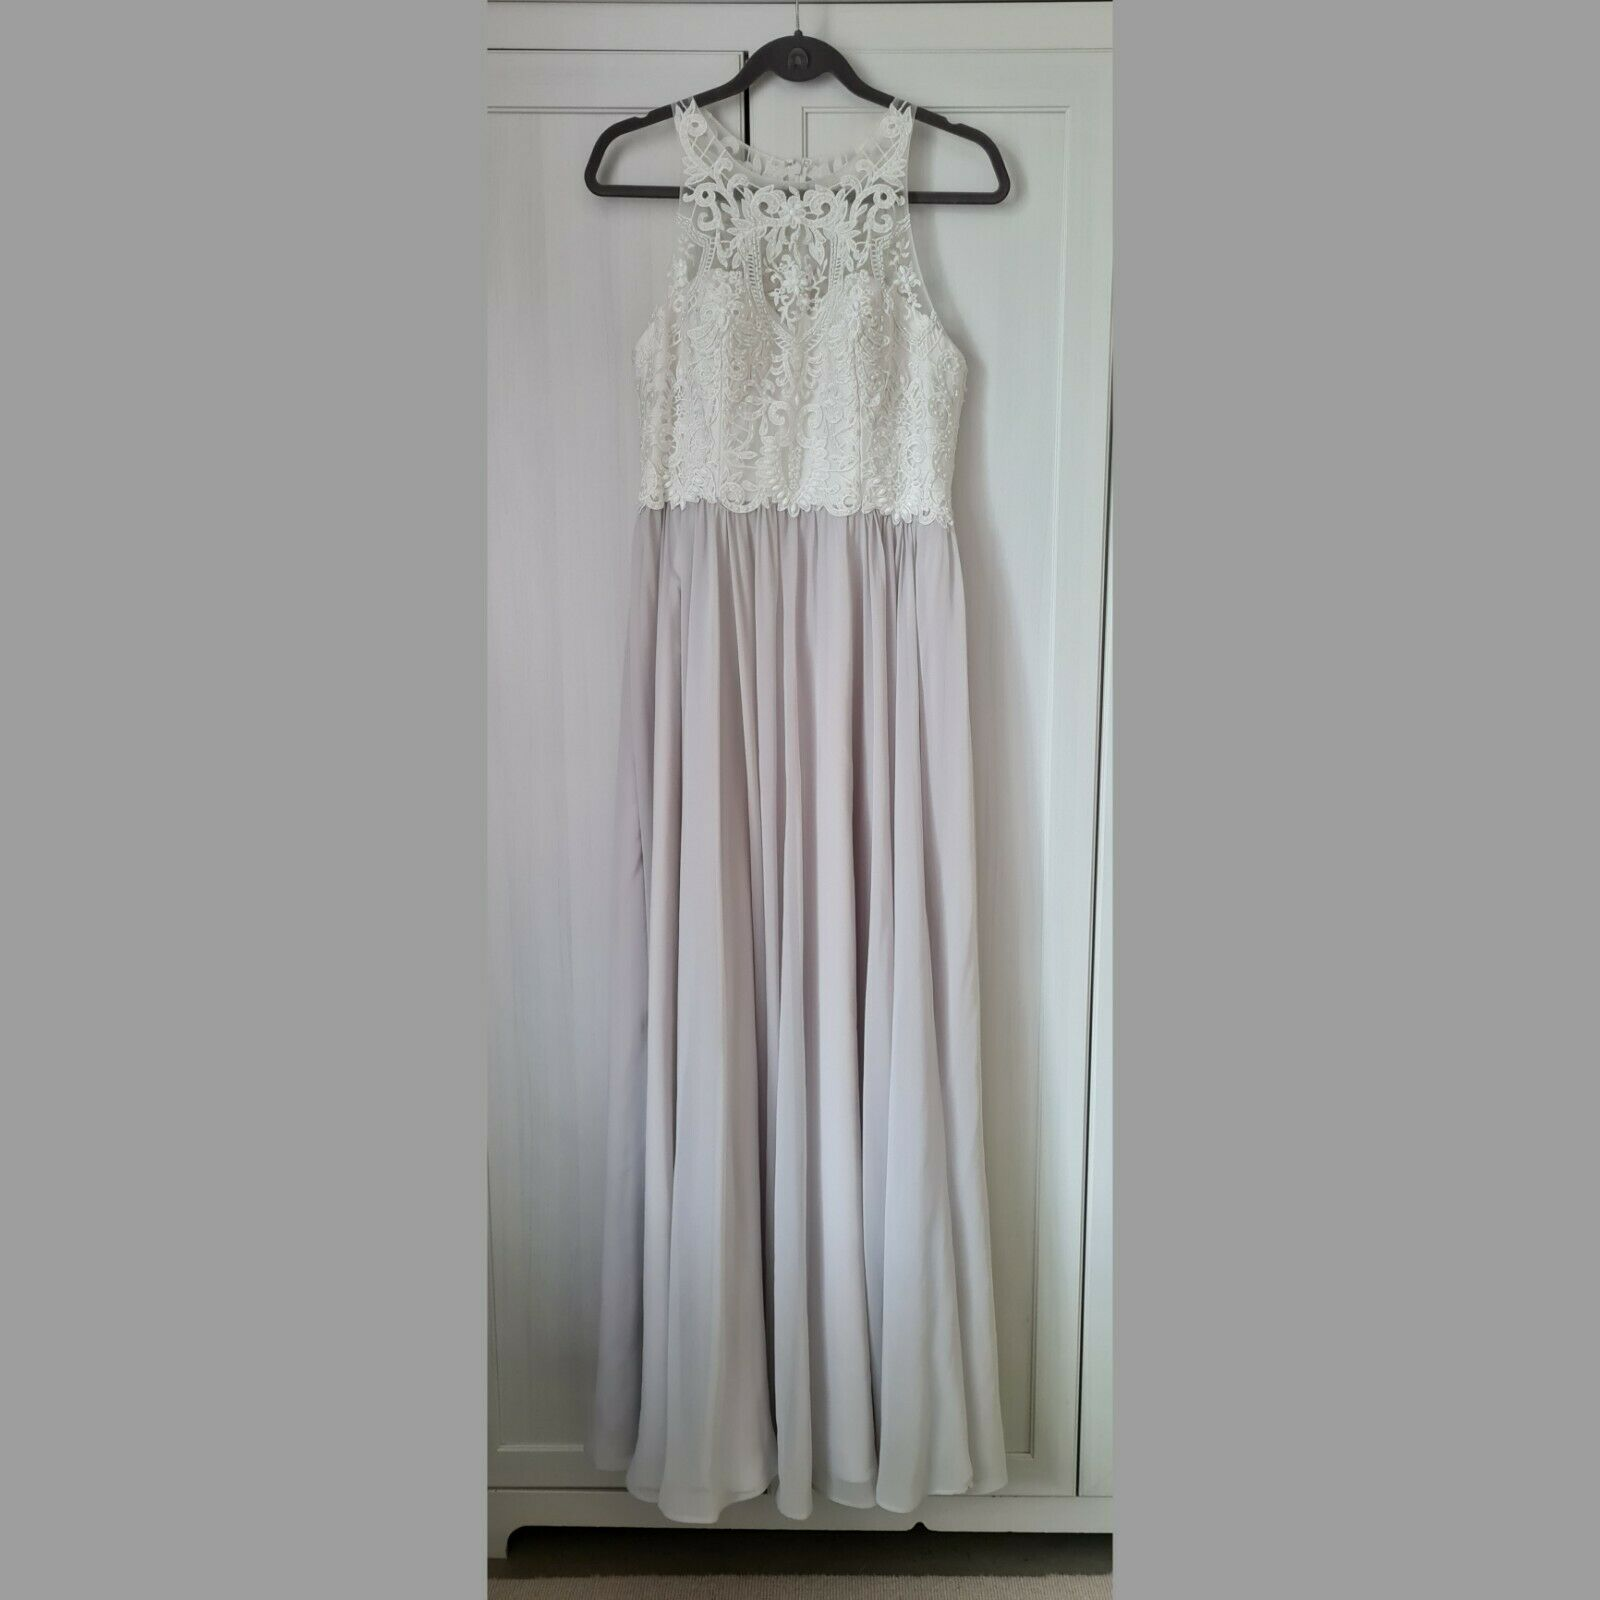 LAONA Abendkleid Hochzeitskleid Brautkleid Hellgrau Weiß Spitze Stickereien 40